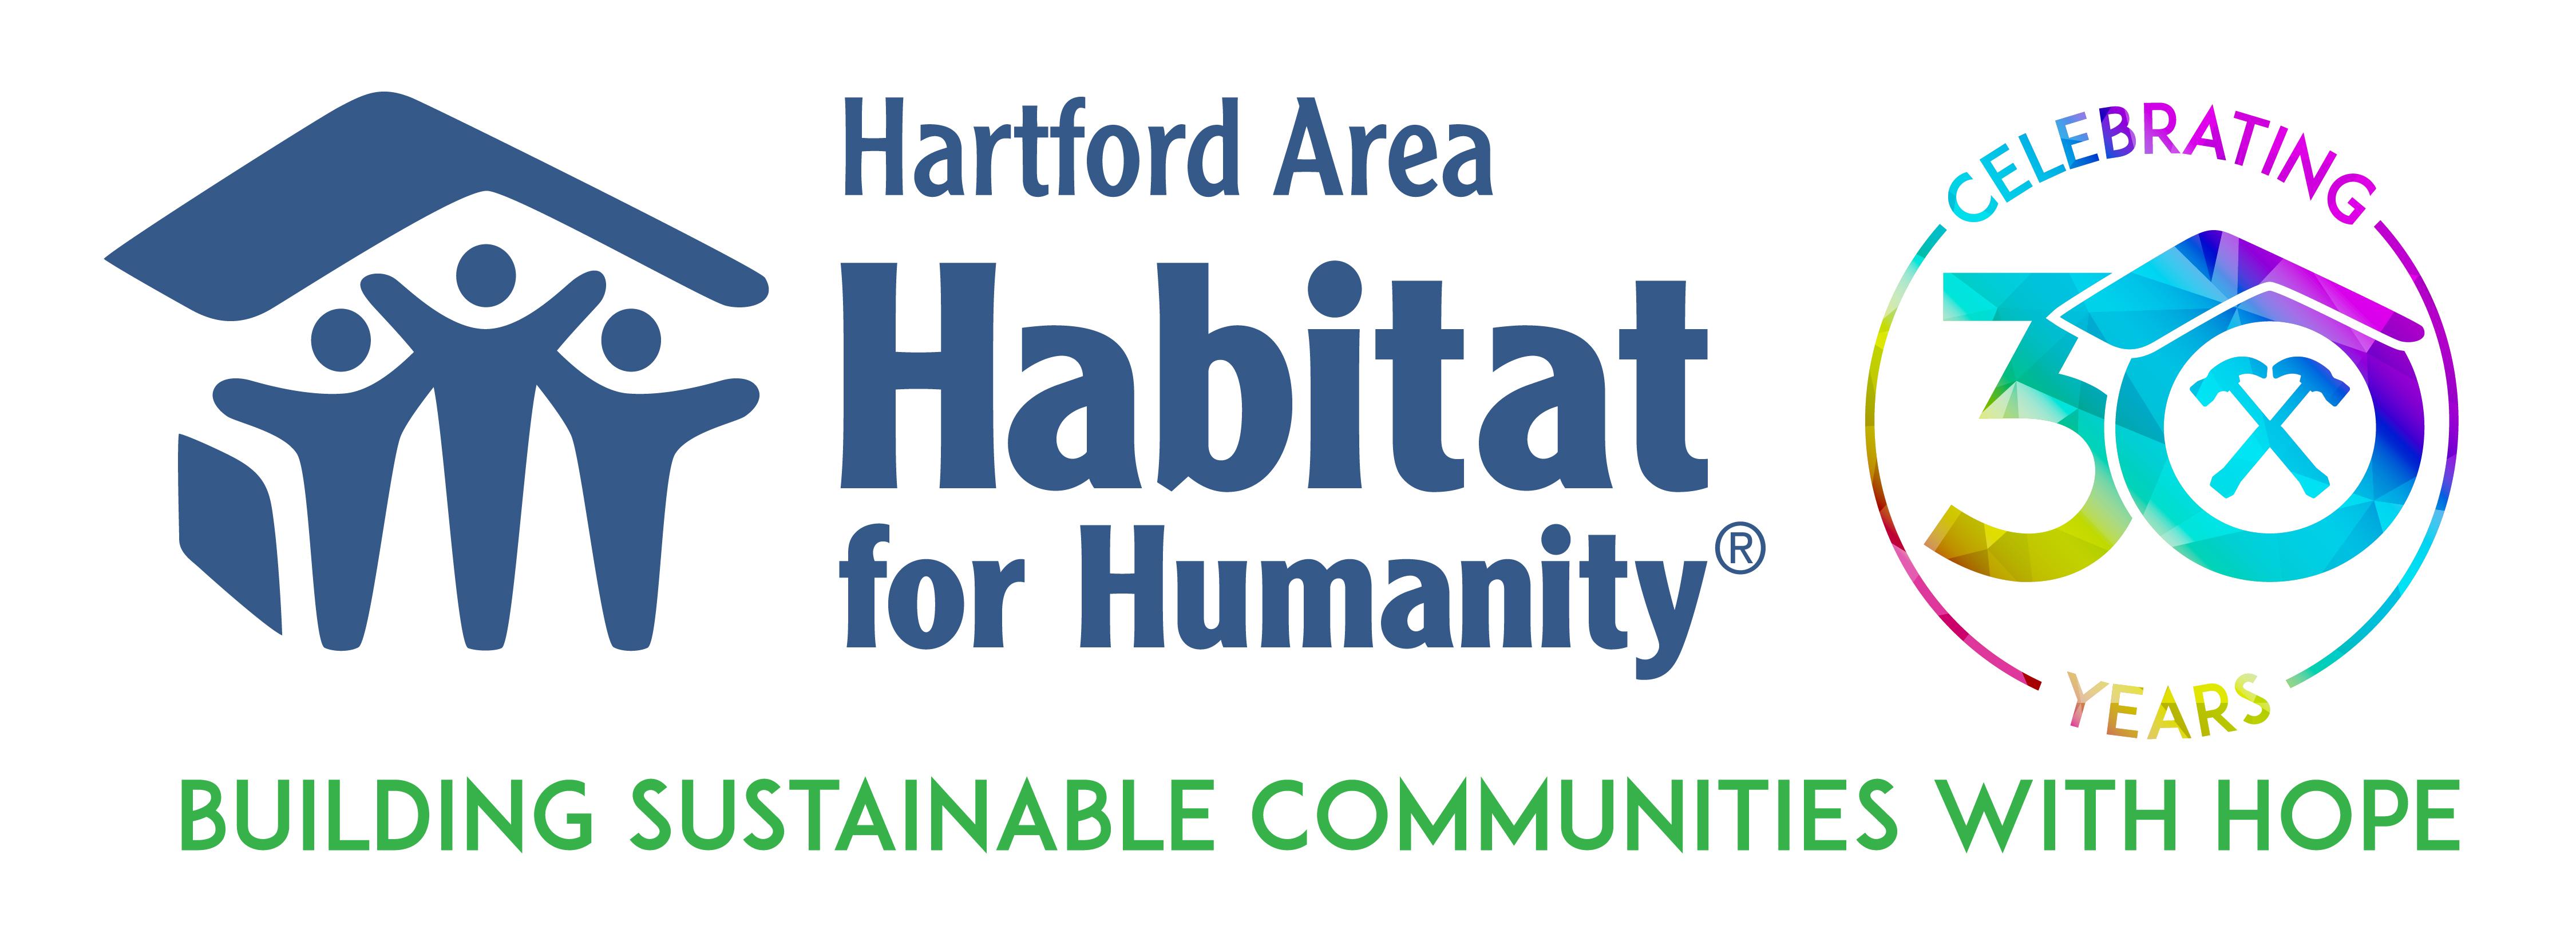 Hartford Area Habitat for Humanity company logo